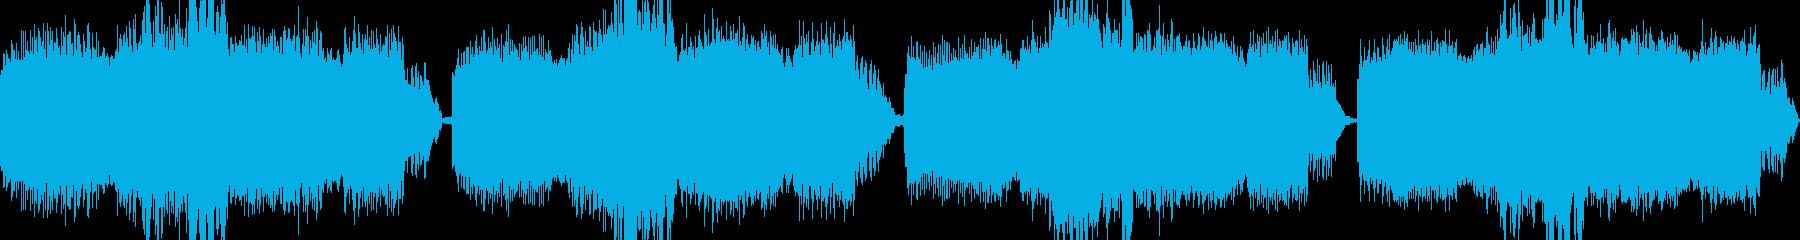 サイレン siren 警報 アラート15の再生済みの波形